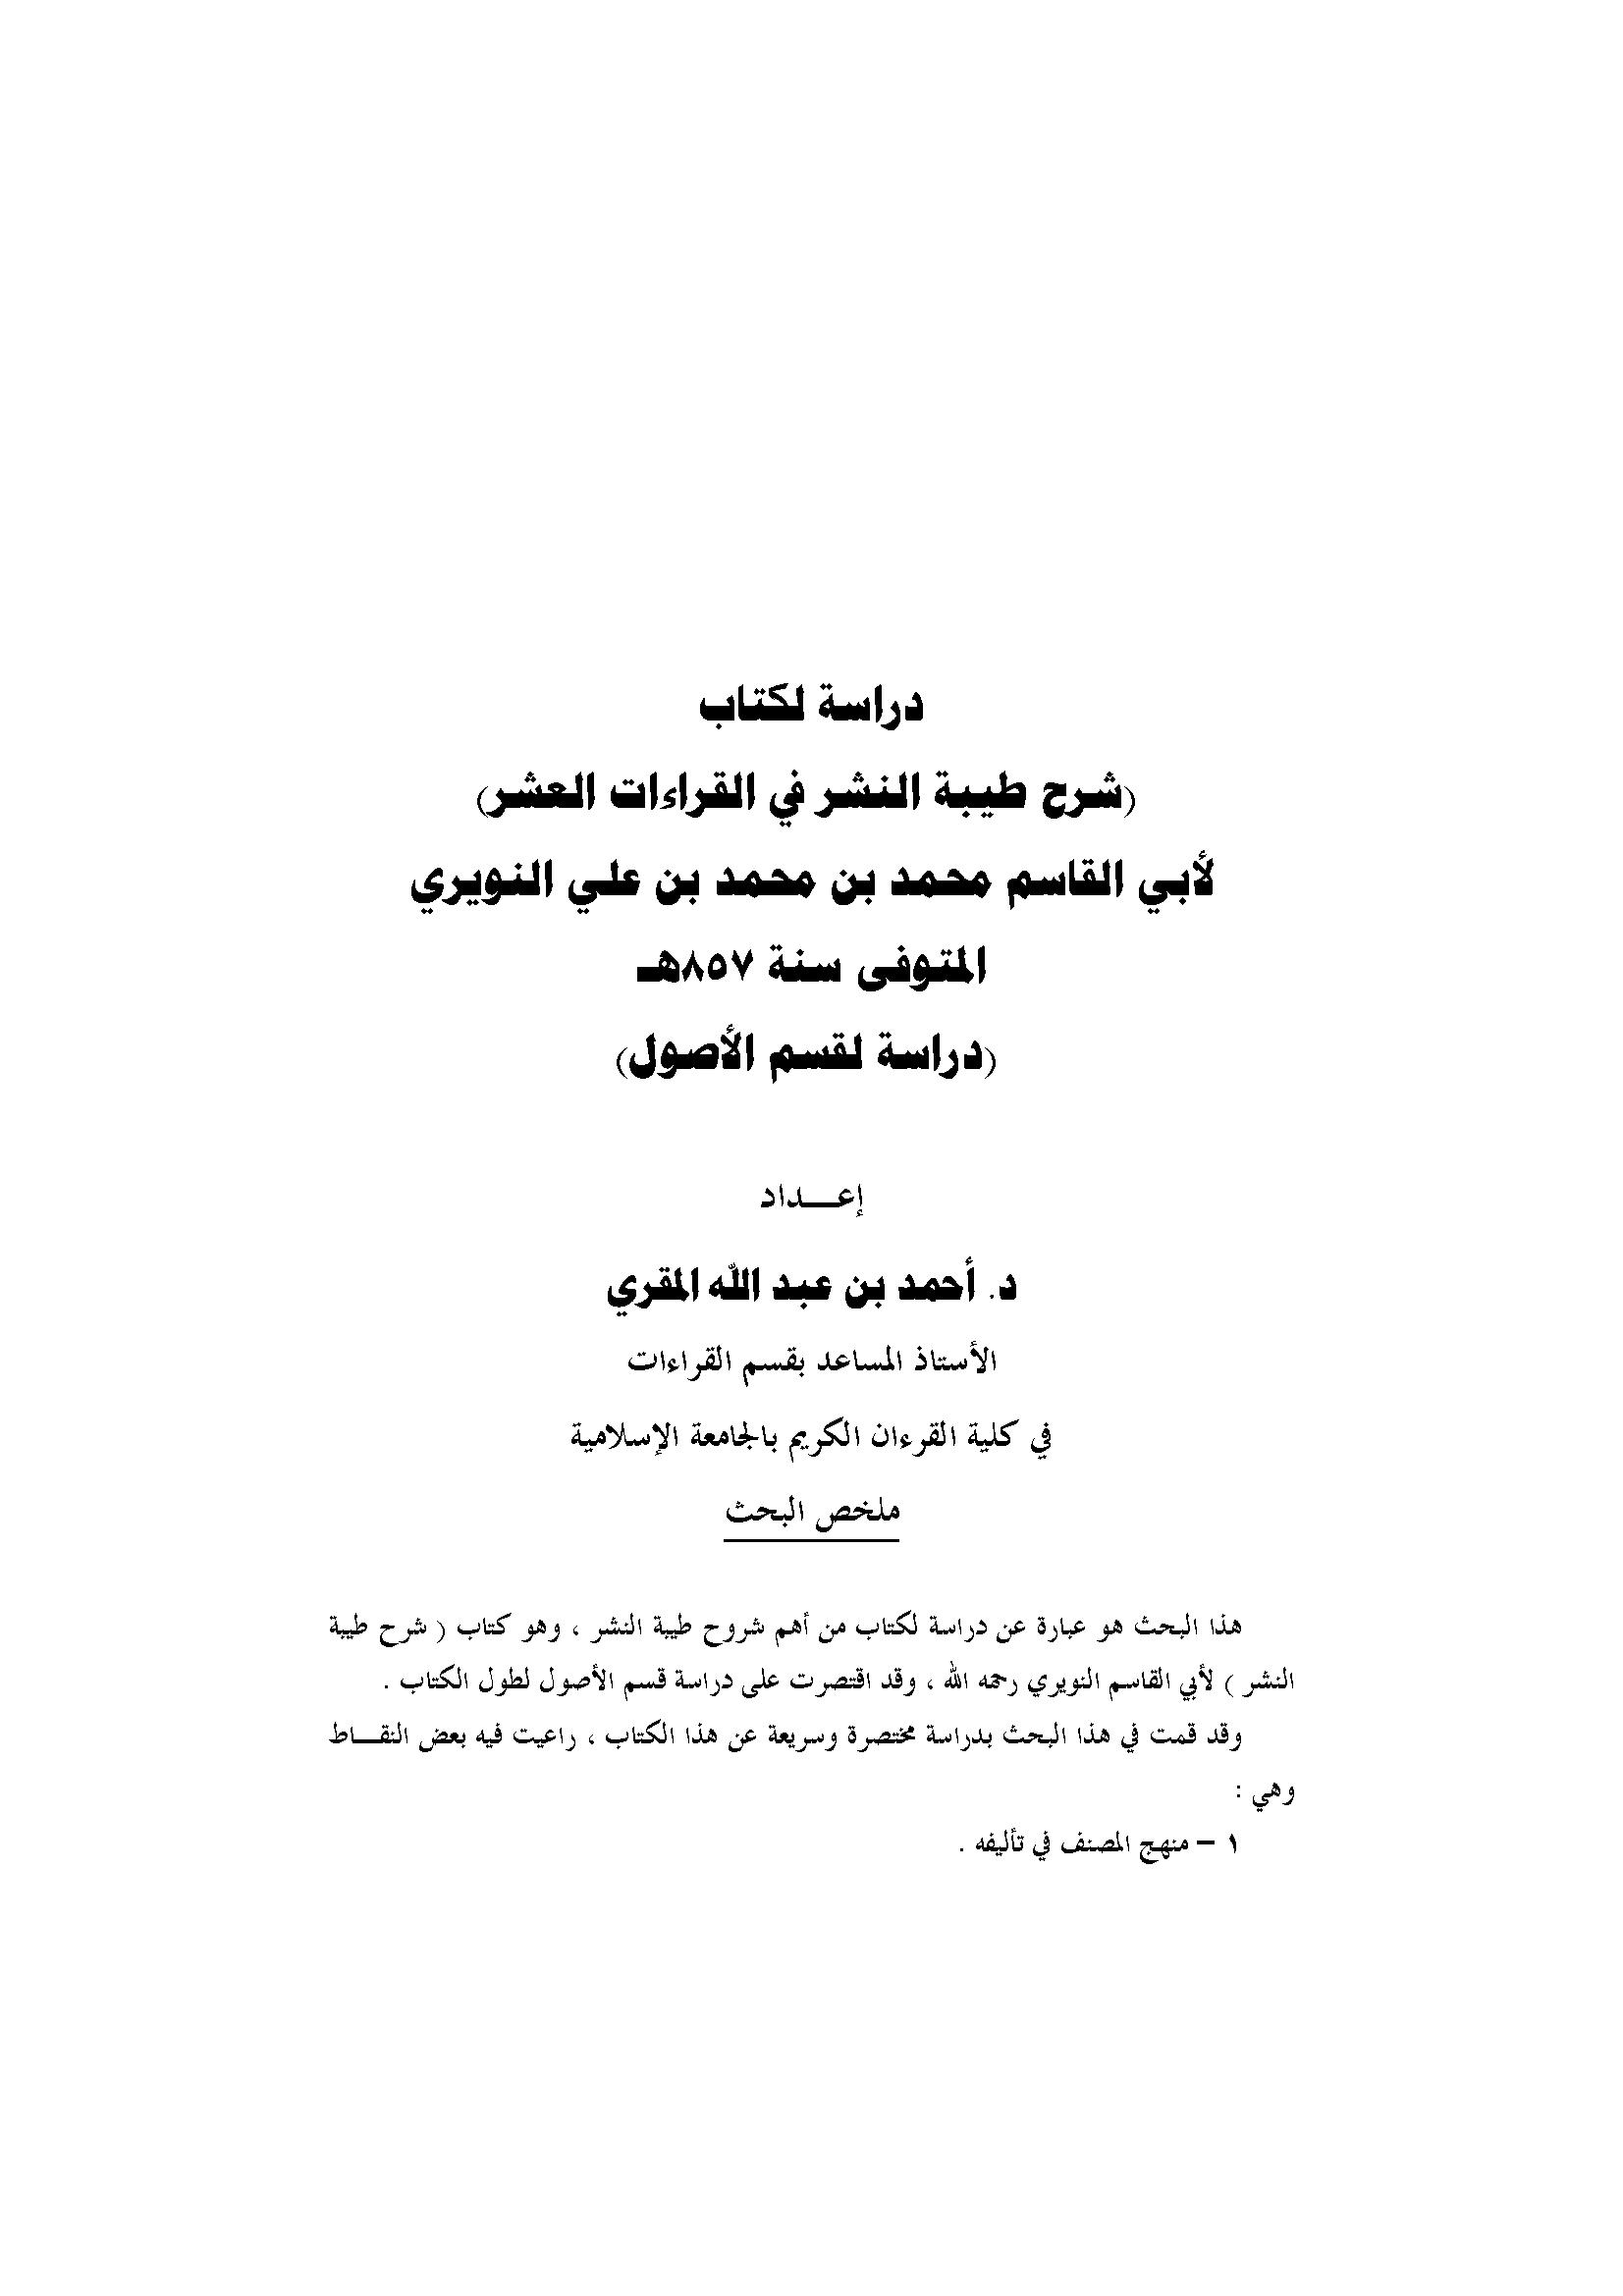 تحميل كتاب دراسة لكتاب (شرح طيبة النشر في القراءات العشر) لأبي القاسم النويري (دراسة لقسم الأصول) لـِ: الدكتور أحمد بن عبد الله بن أحمد المقري العلوي الشنقيطي (ت 1433)